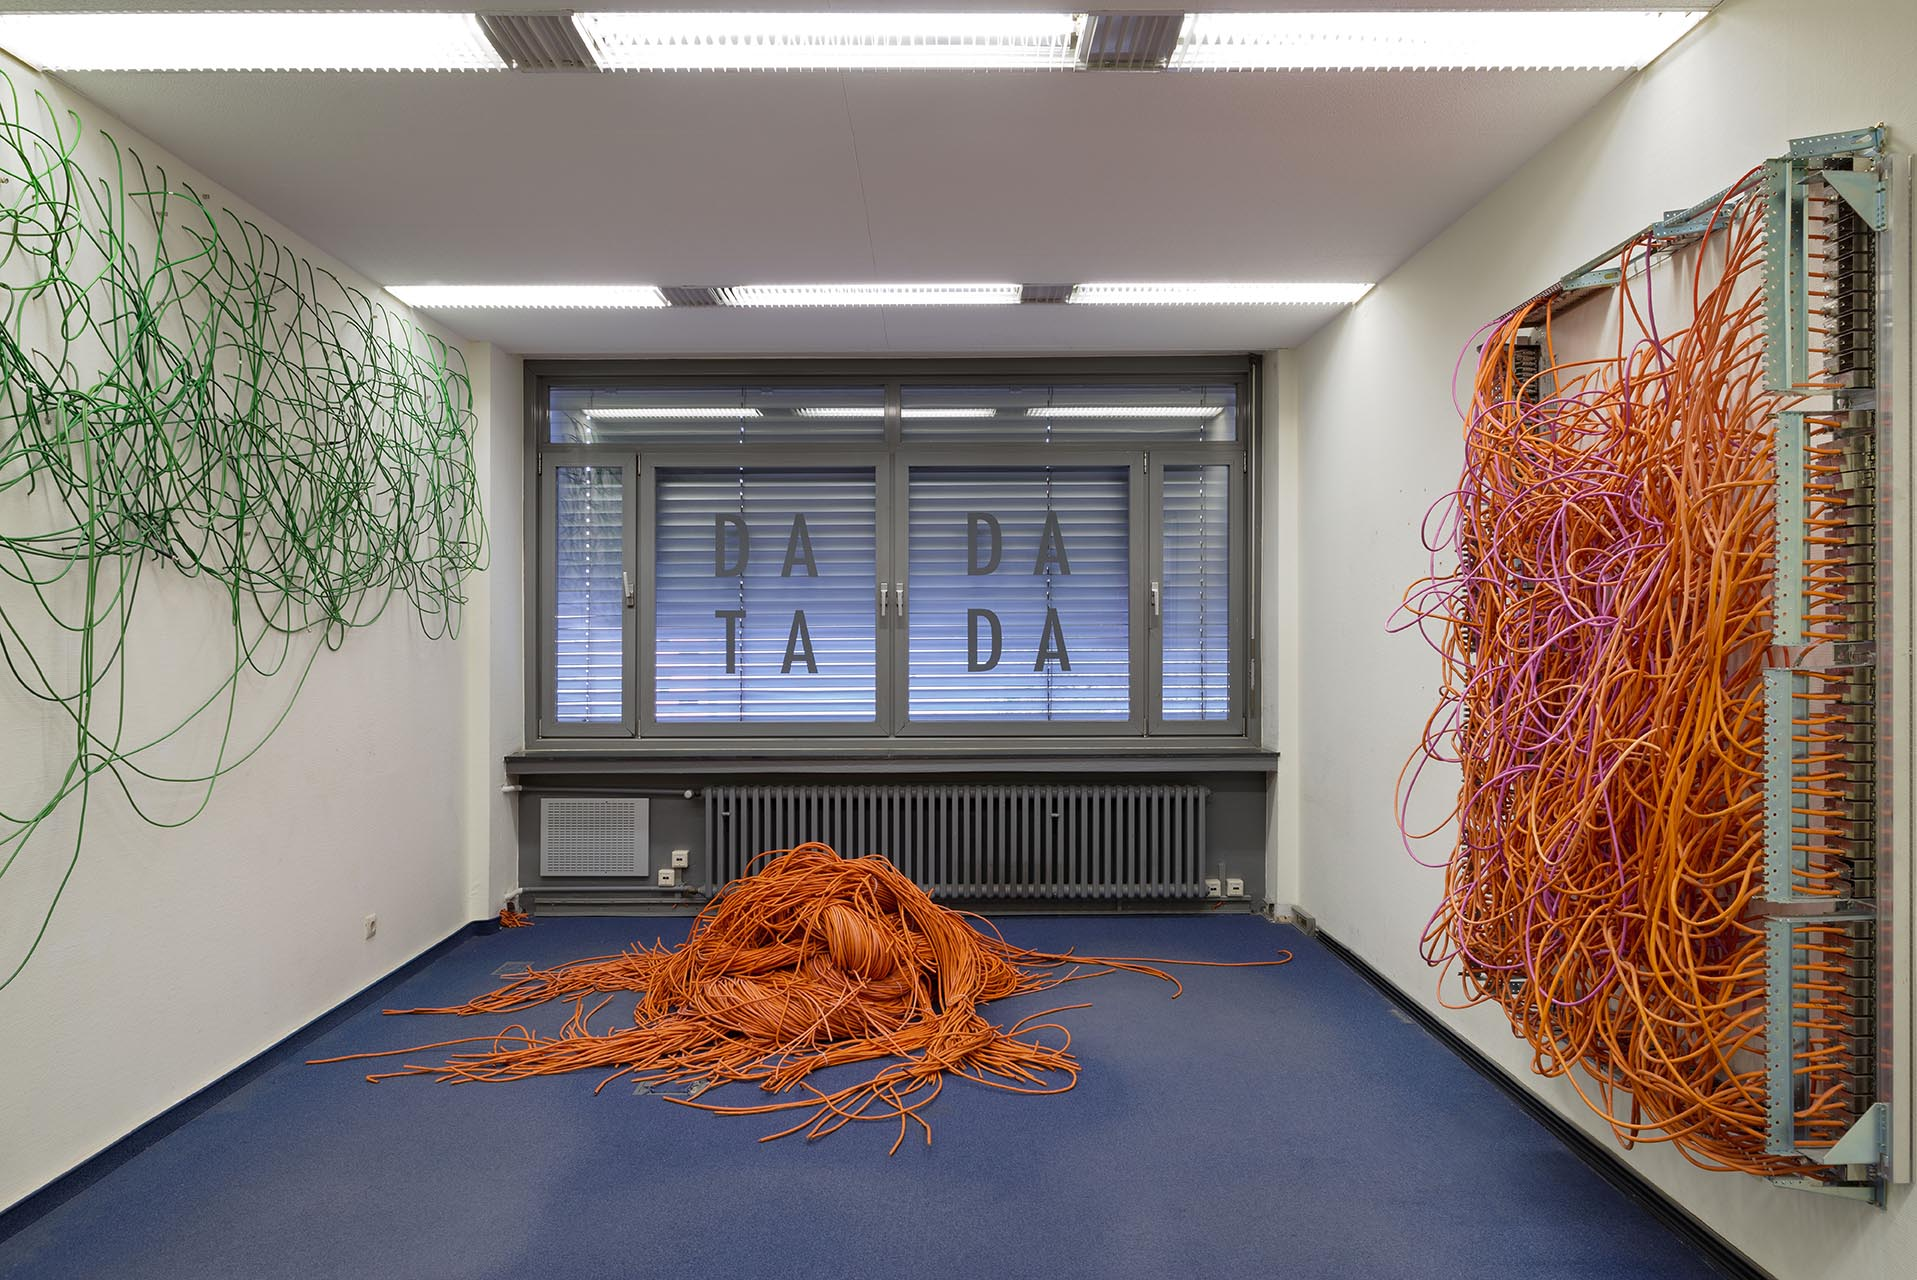 Data Dada   The Haus